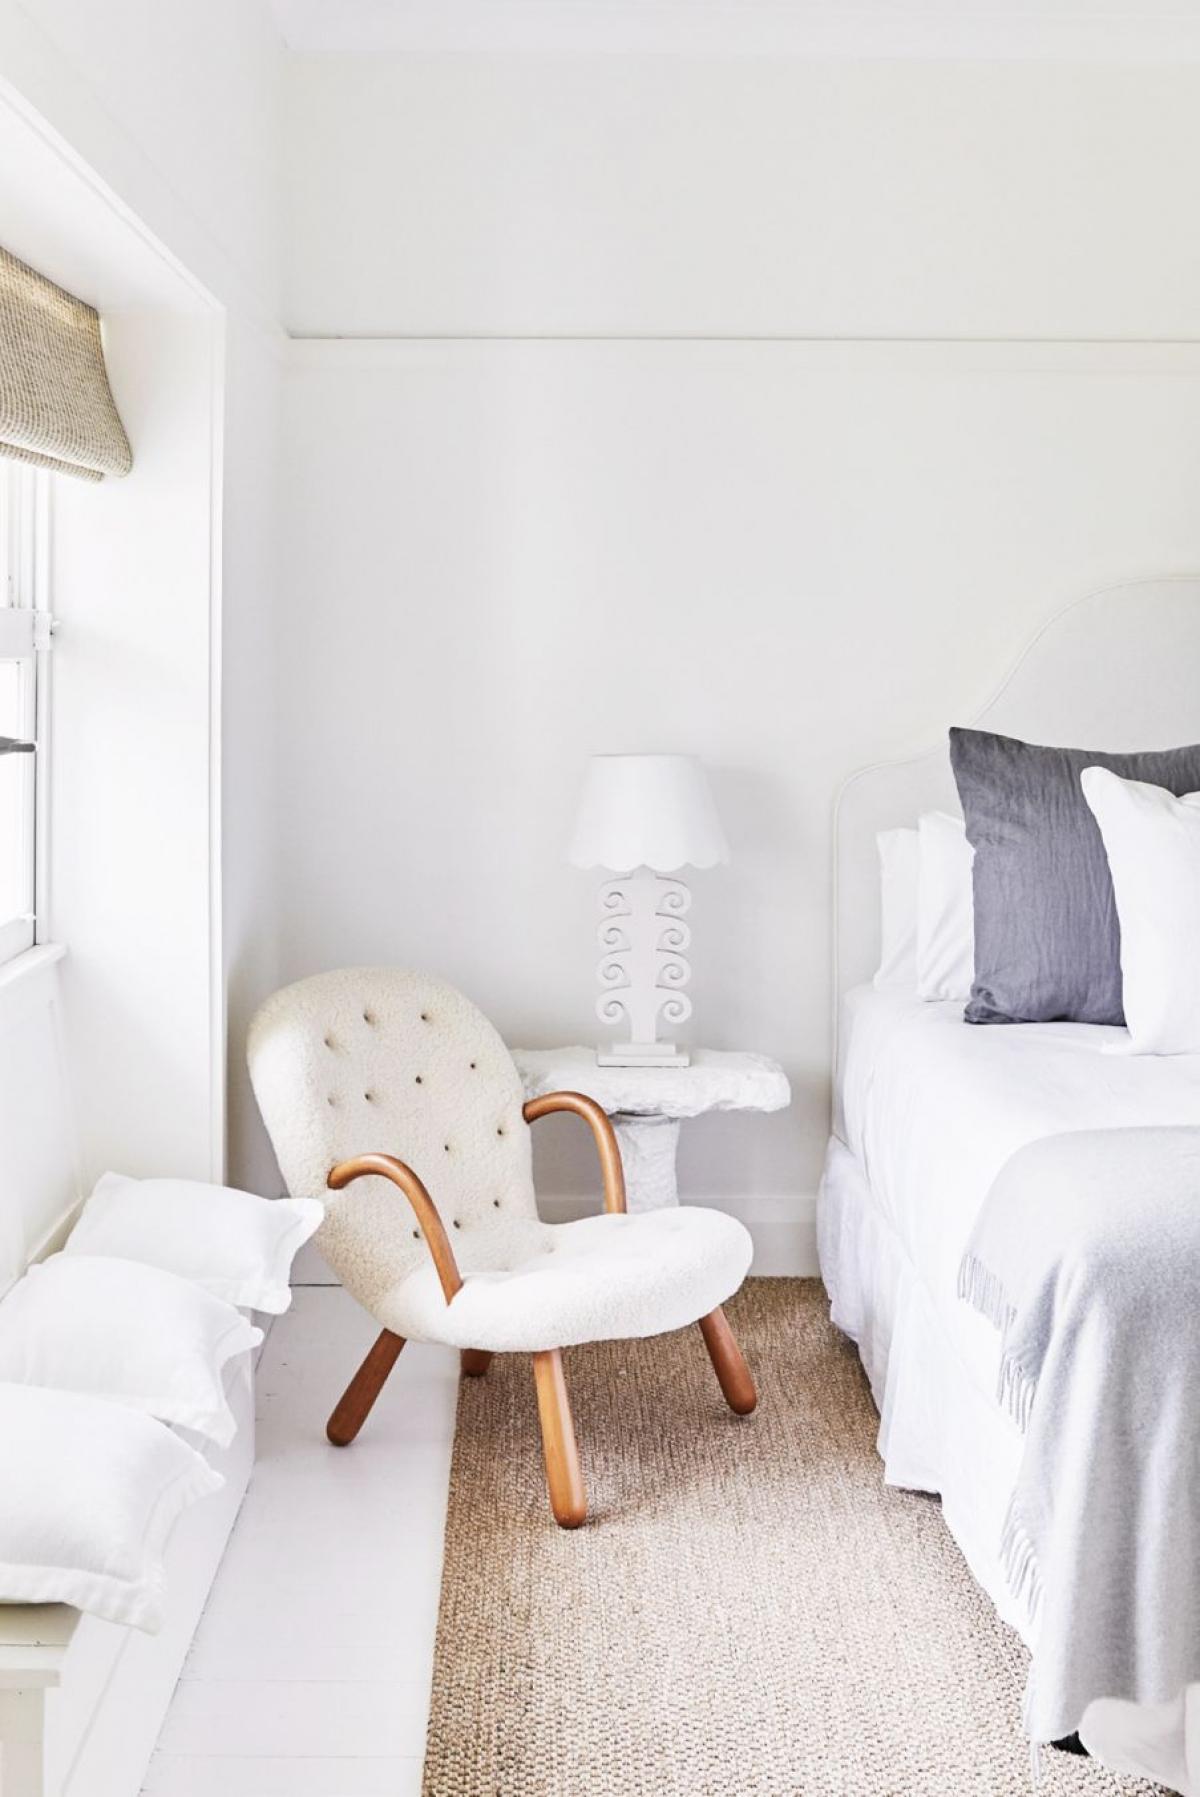 Sơn nhà màu sáng: Các tông màu sáng, trắng, be, nhạt rất được ưa chuộng trong mùa hè và khiến bạn có cảm giác nhẹ nhõm. Bạn có thể sử dụng màu trắng cho rèm cửa, màu sơn tường, nhấn nhá màu xám đậm hoặc nâu với ghế sofa hoặc ga trải giường. Kết hợp với cửa sổ tràn đầy ánh sáng khiến cho căn phòng bạn đầy sức sống.